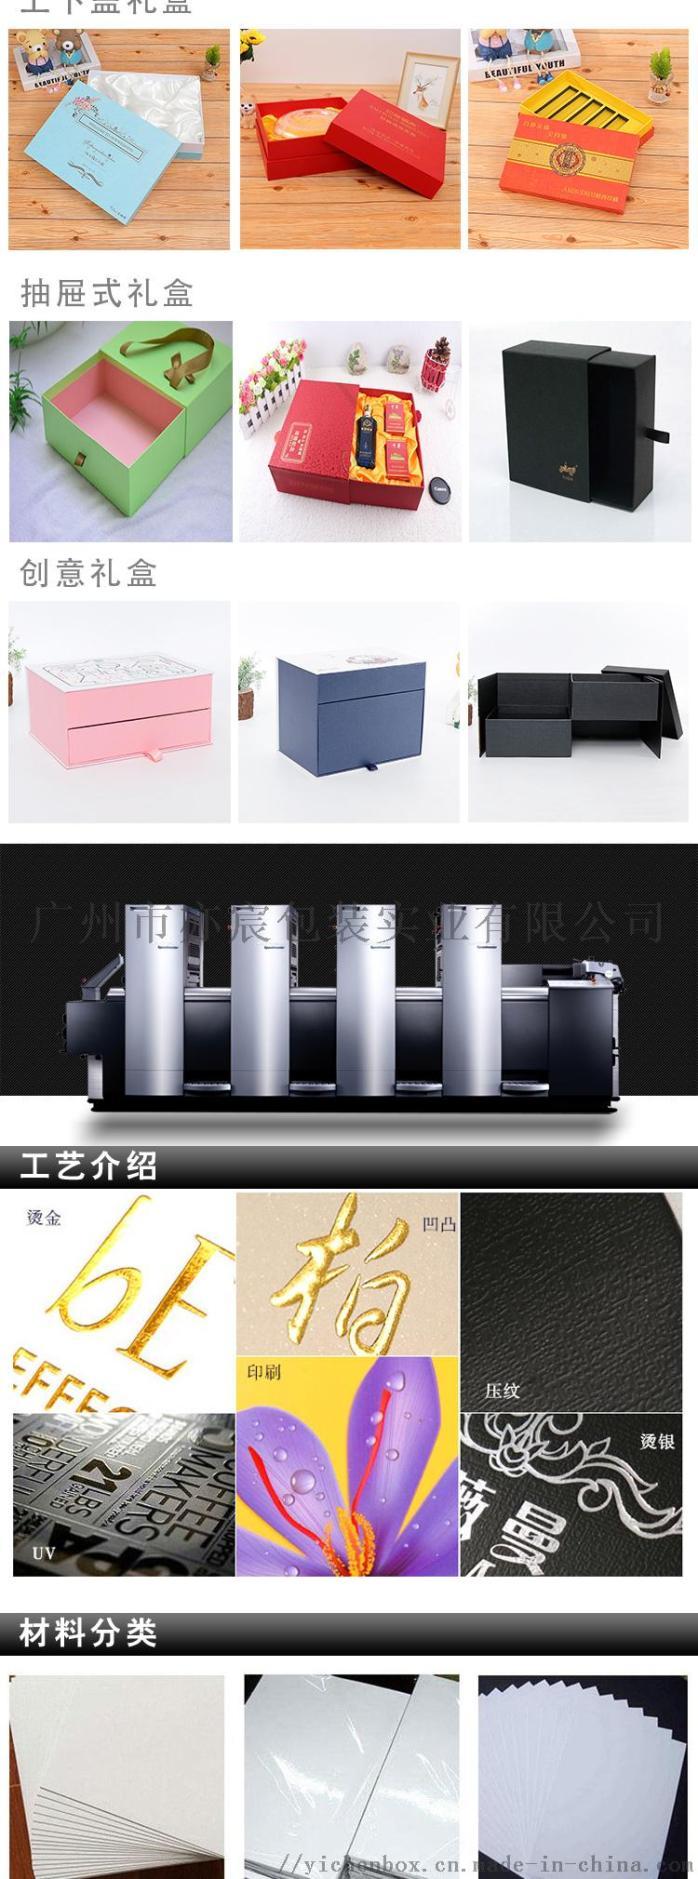 皮具盒包装盒定制生产135833902